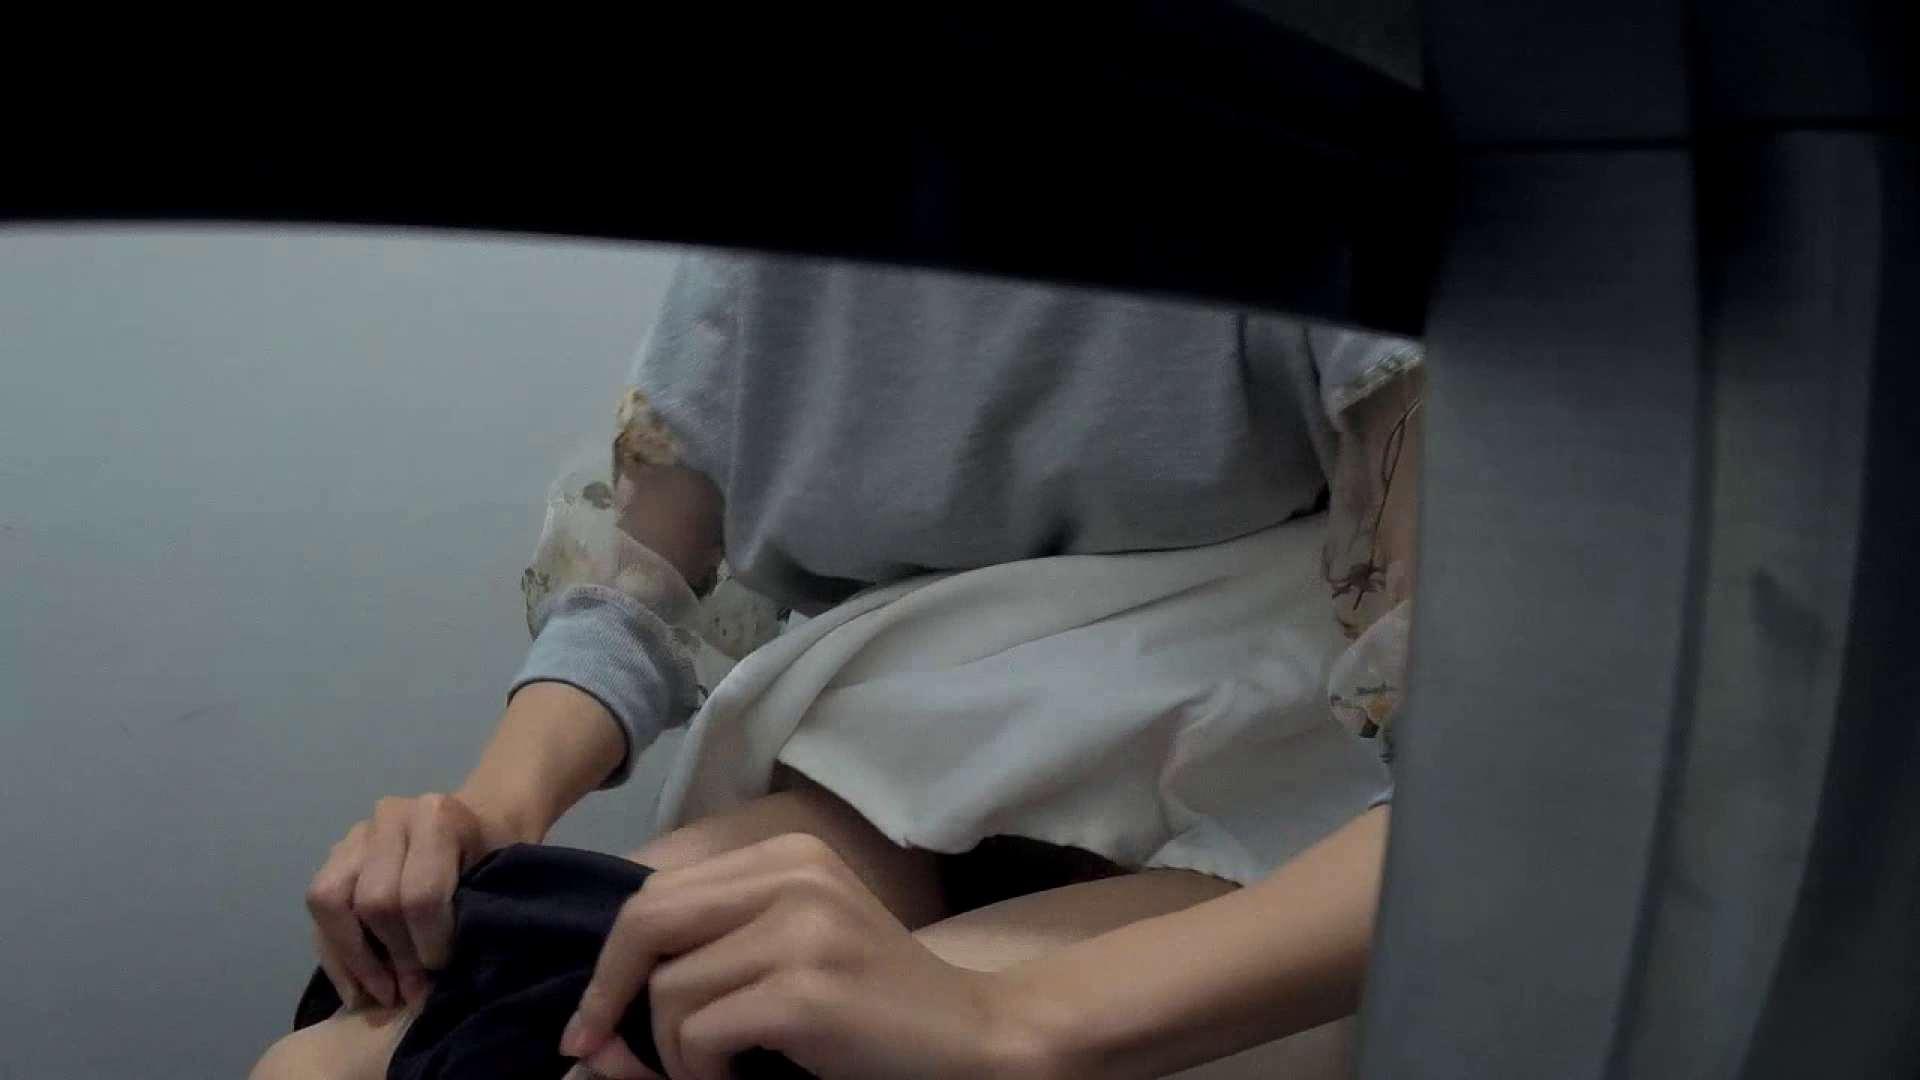 有名大学女性洗面所 vol.40 ??おまじない的な動きをする子がいます。 いやらしいOL ヌード画像 22連発 2